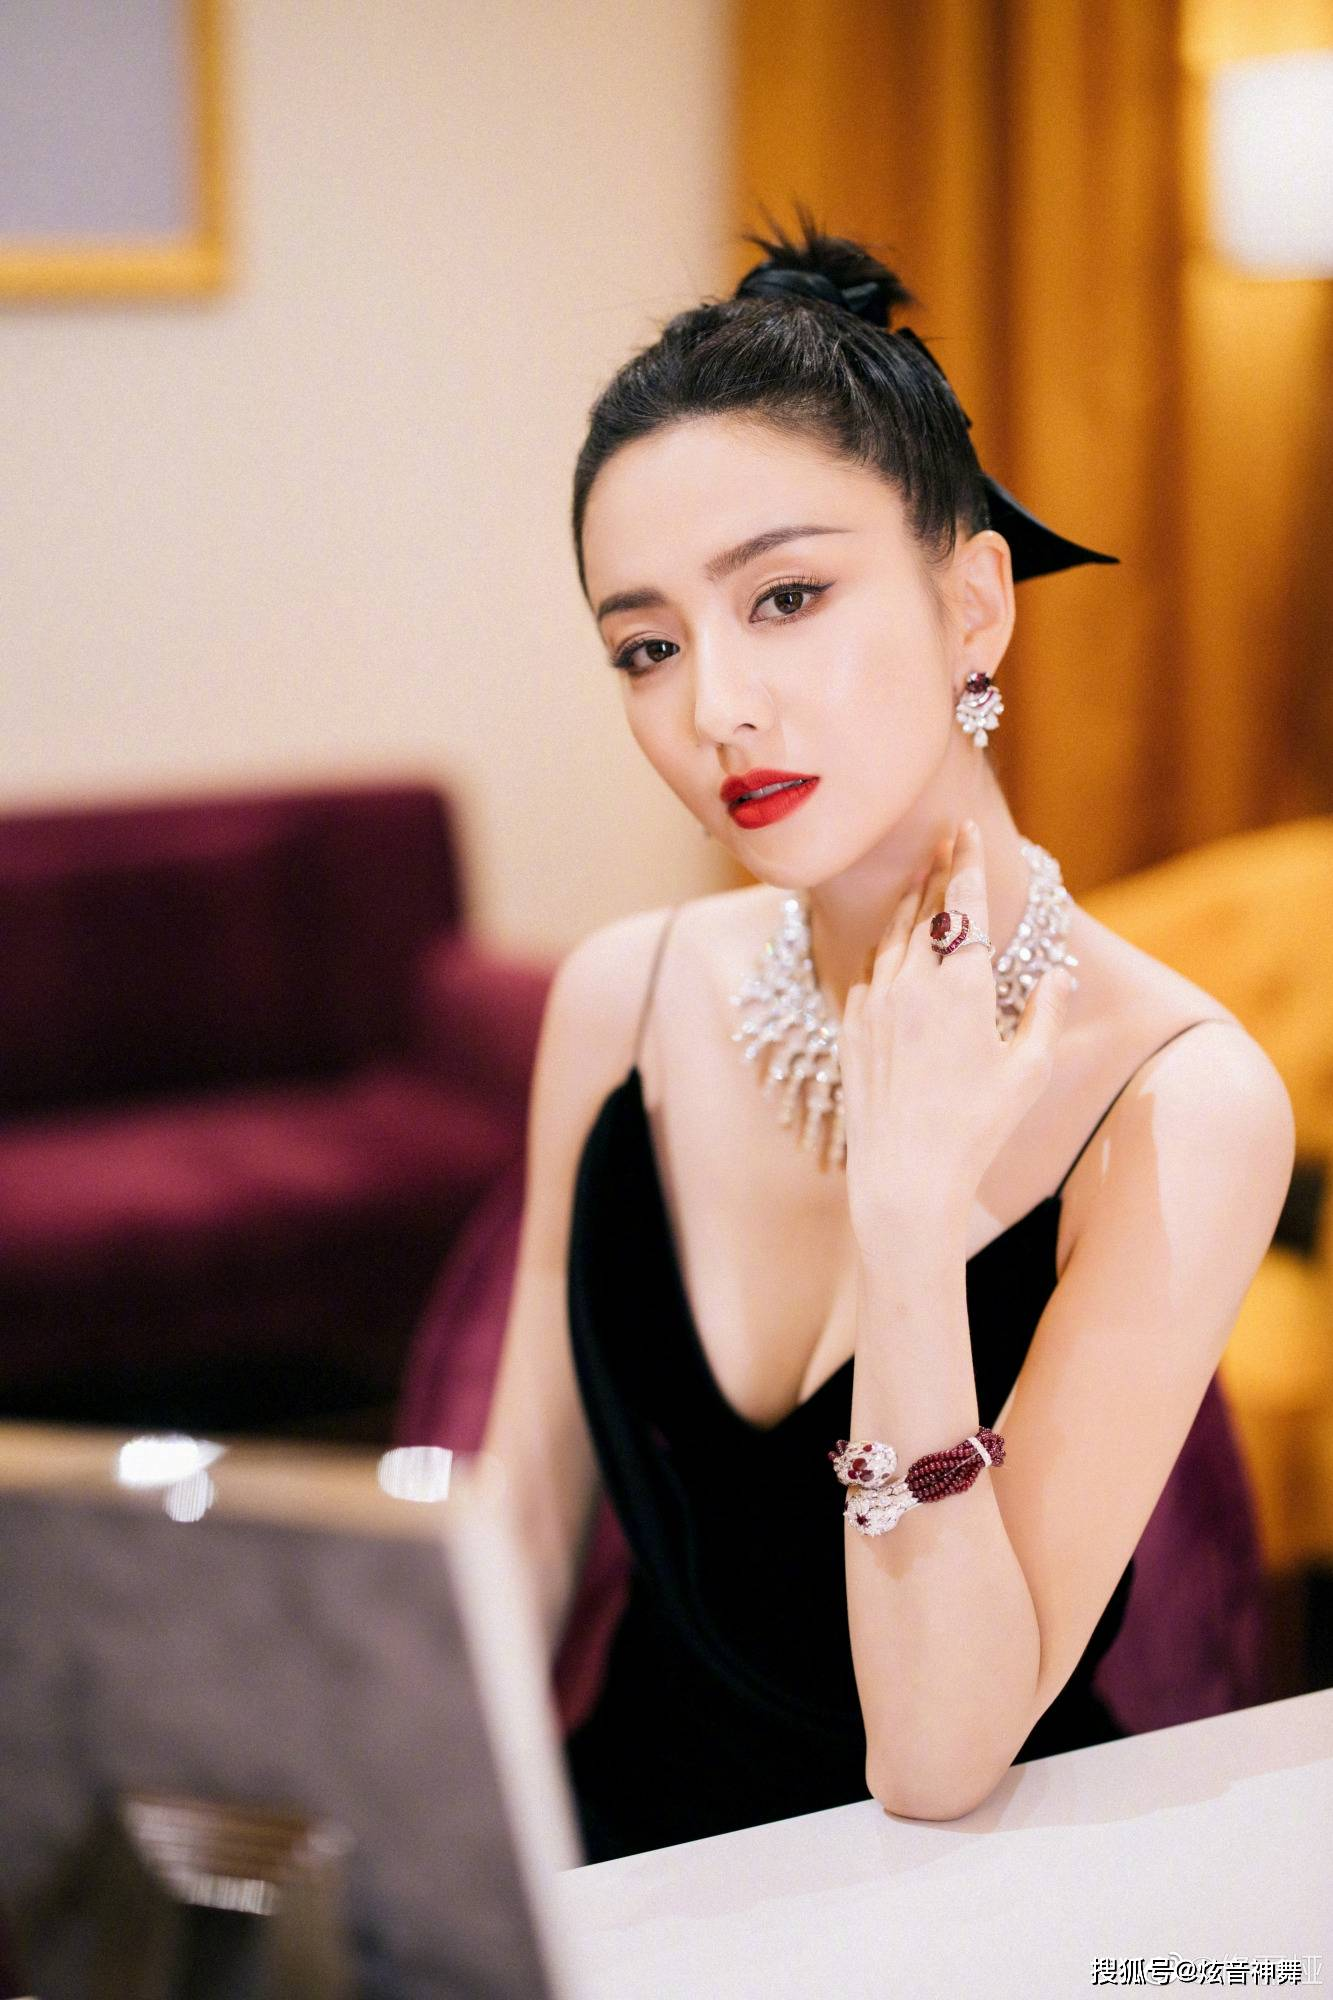 83年女明星精彩盘点,两位丝袜代言人,新疆第一美,香港山鸡嫂